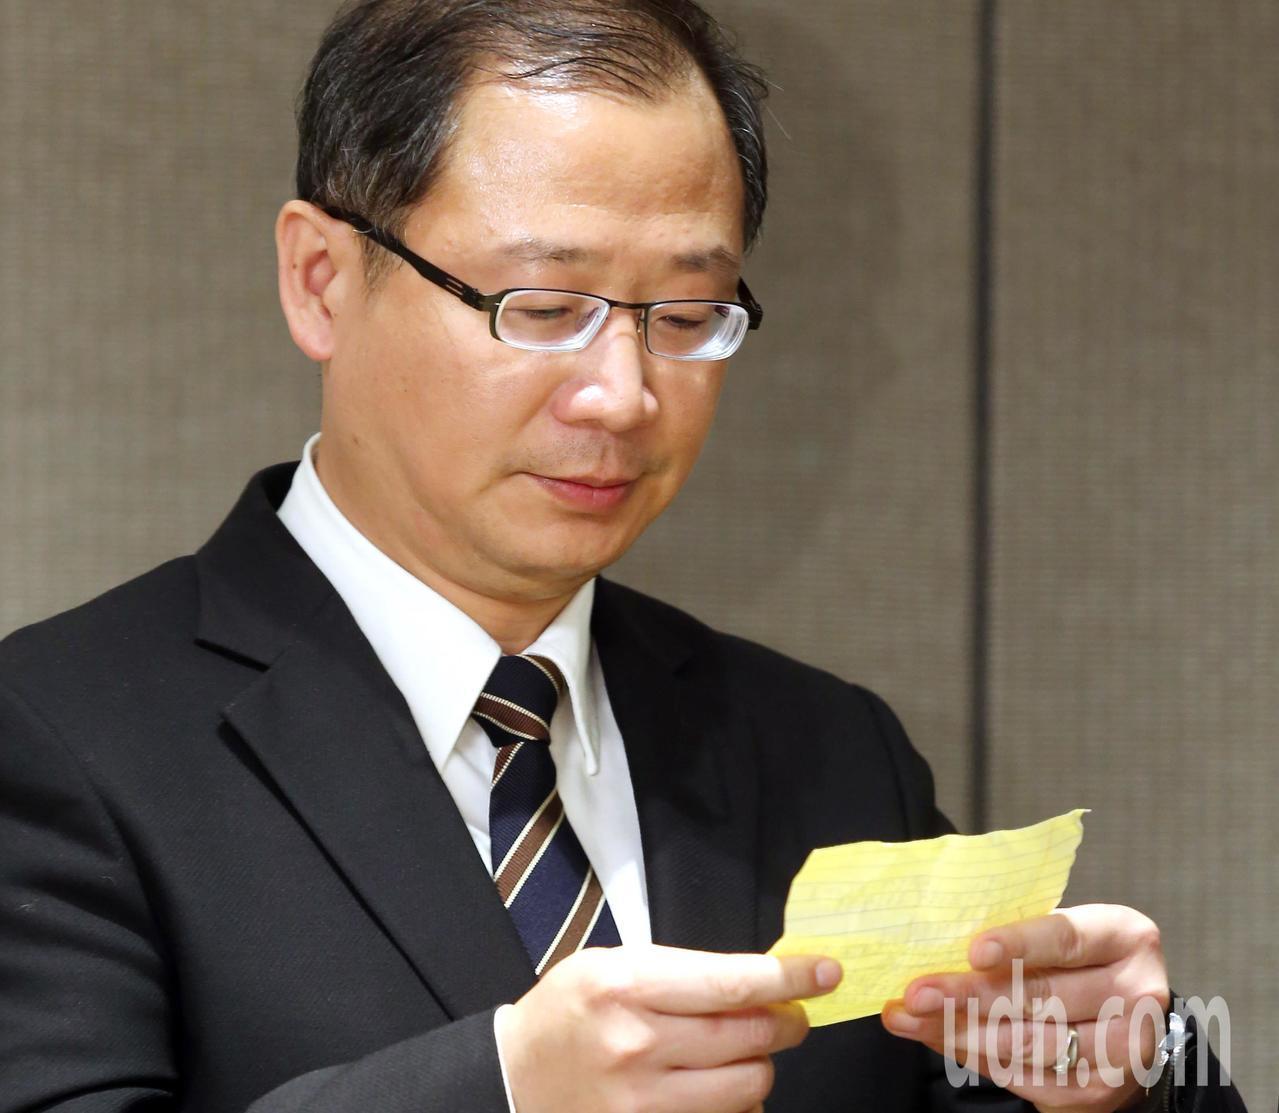 中華職棒會長吳志洋今宣布味全龍加盟案前,拿著手上的紙條再仔細看一次。記者邱德祥/...